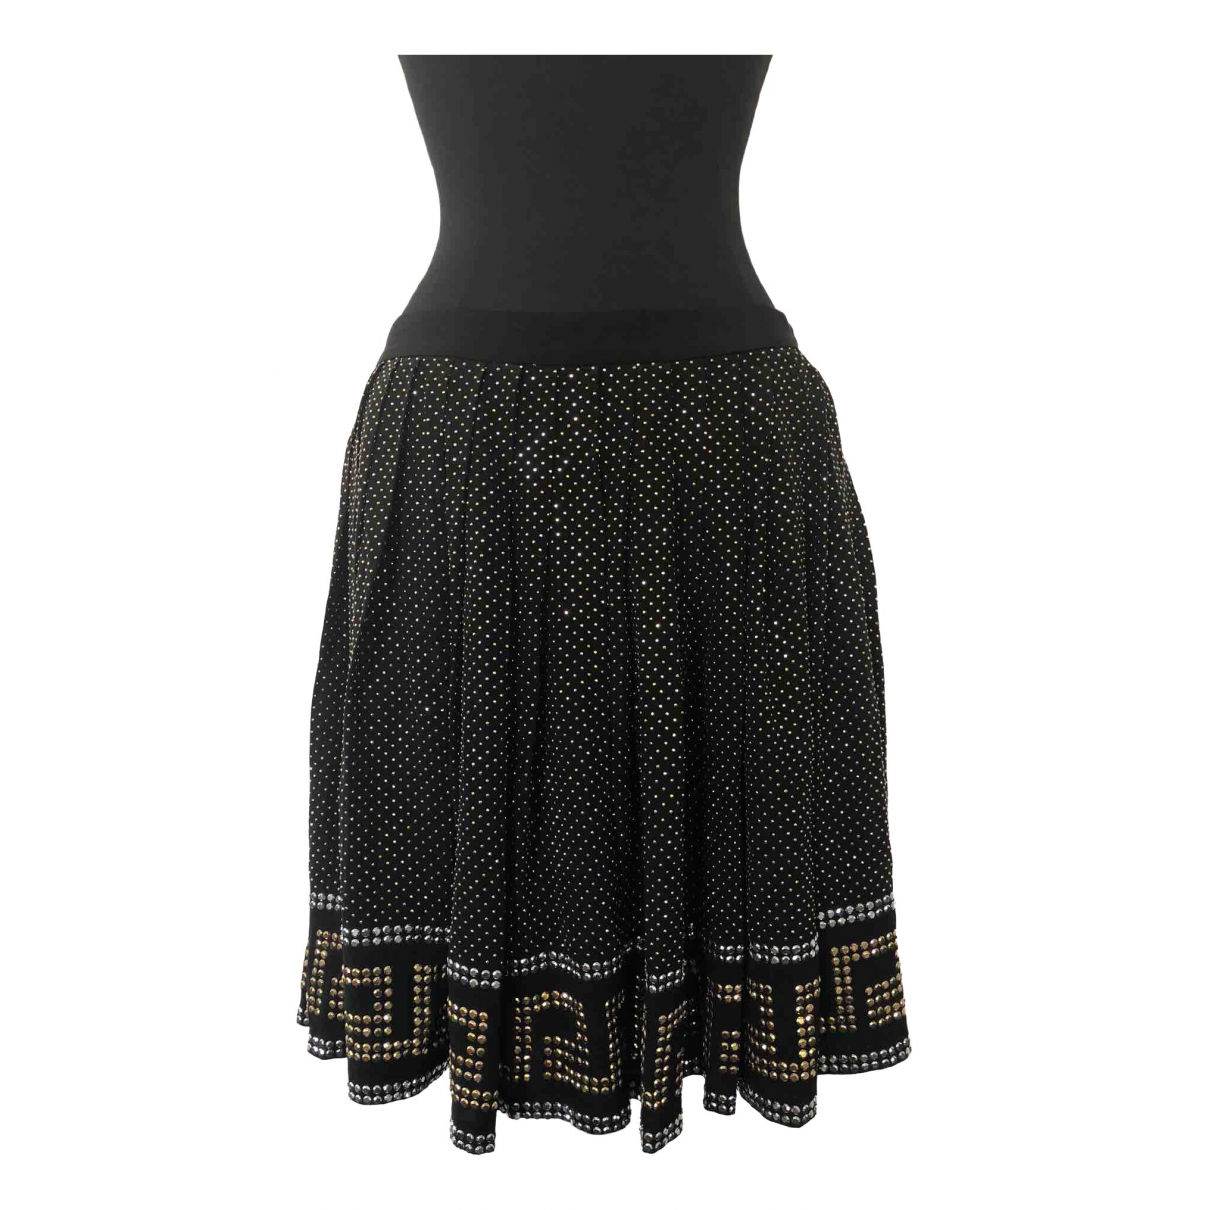 Versace X H&m - Jupe   pour femme en soie - noir